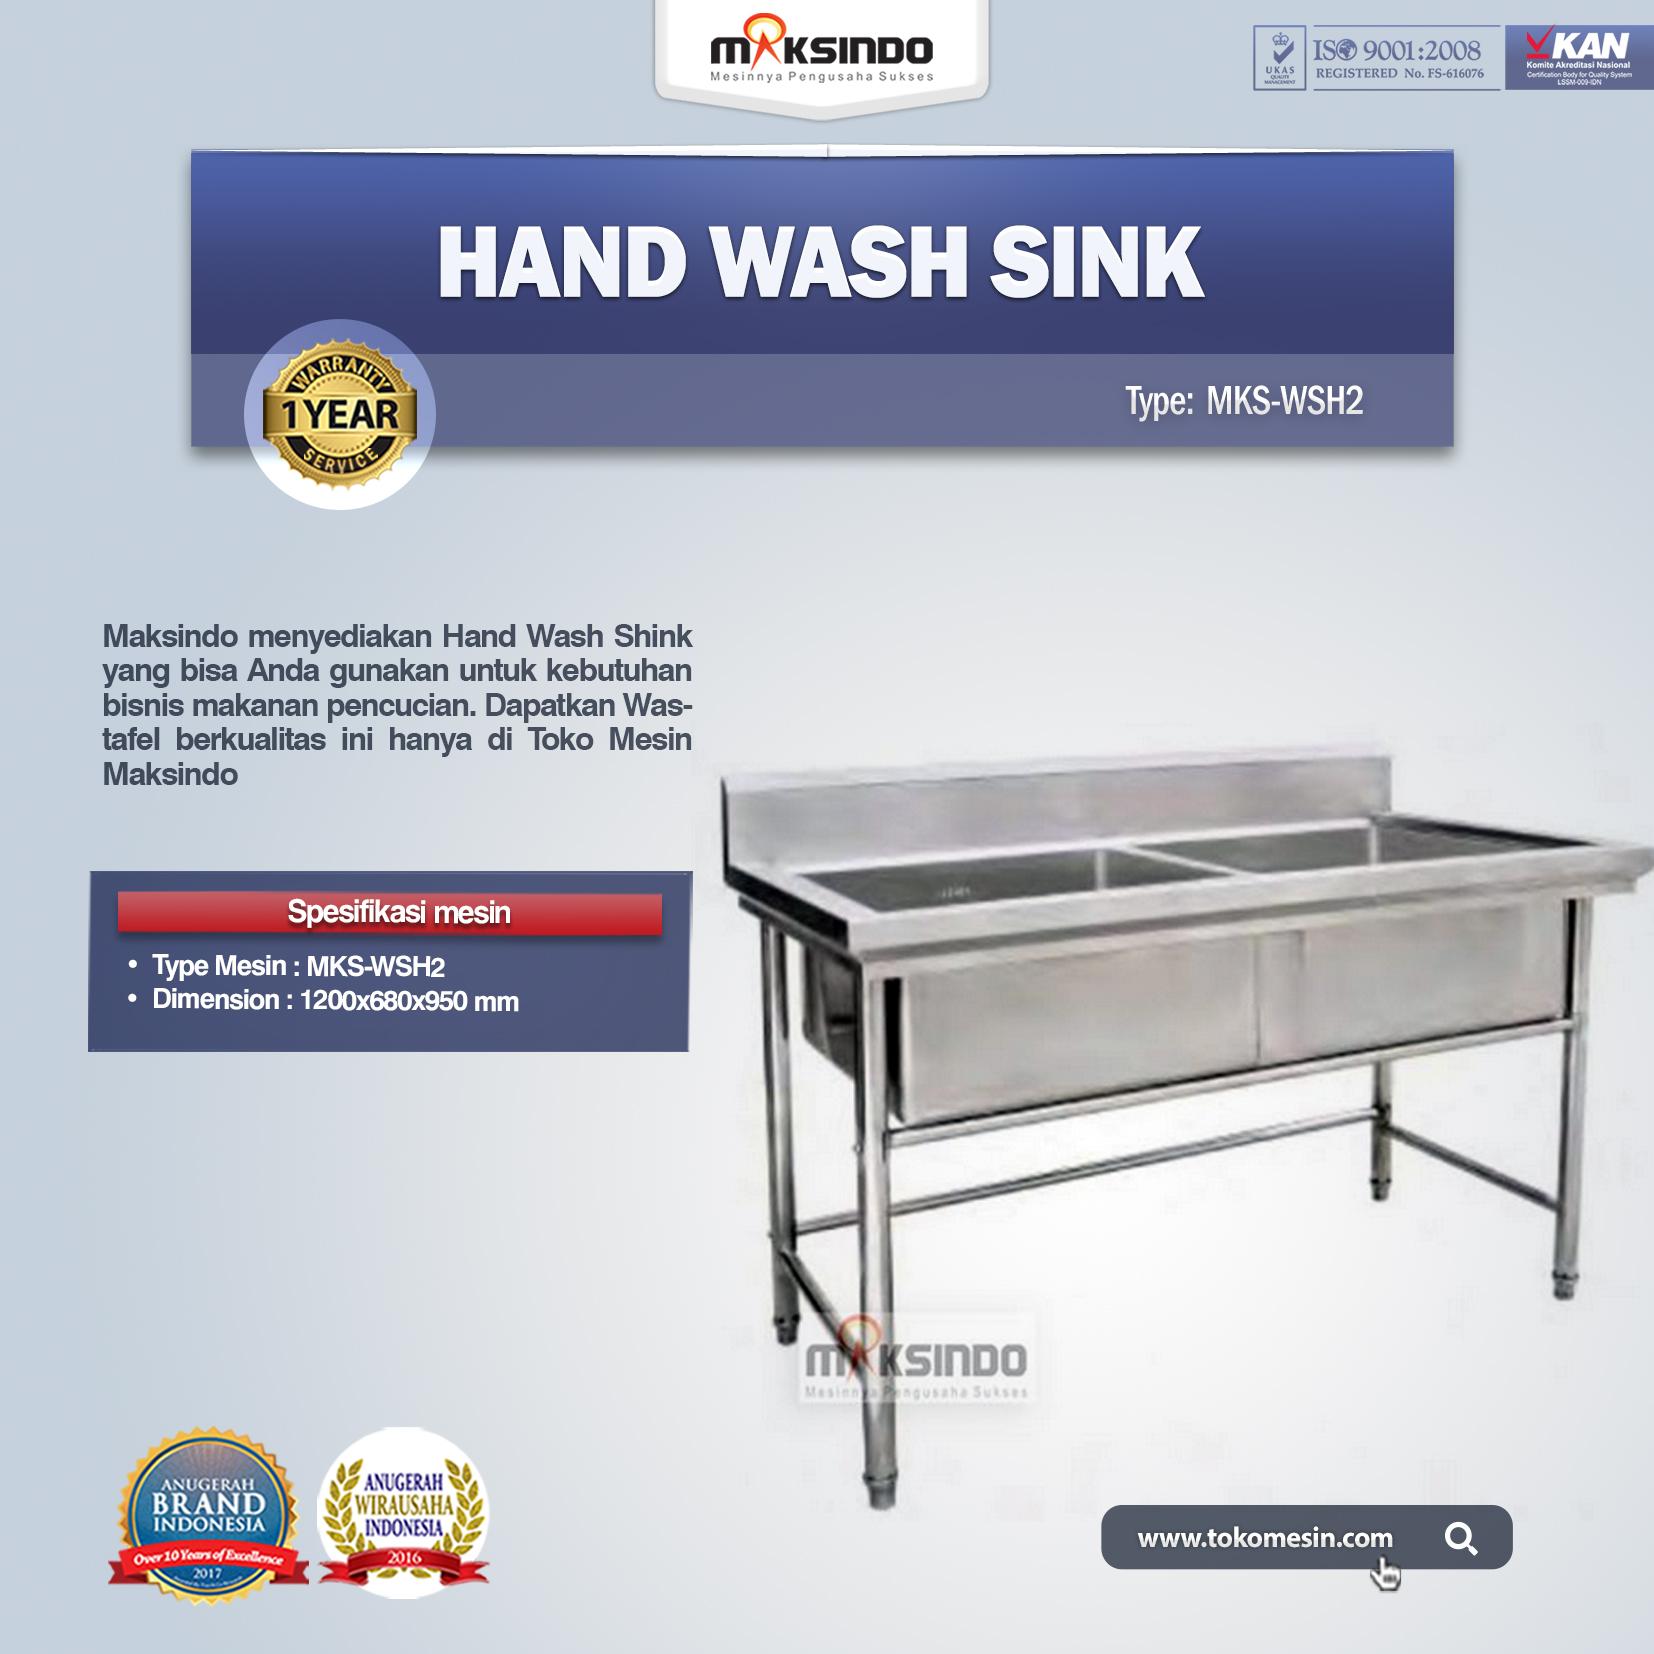 Hand Wash Sink MKS-WSH2